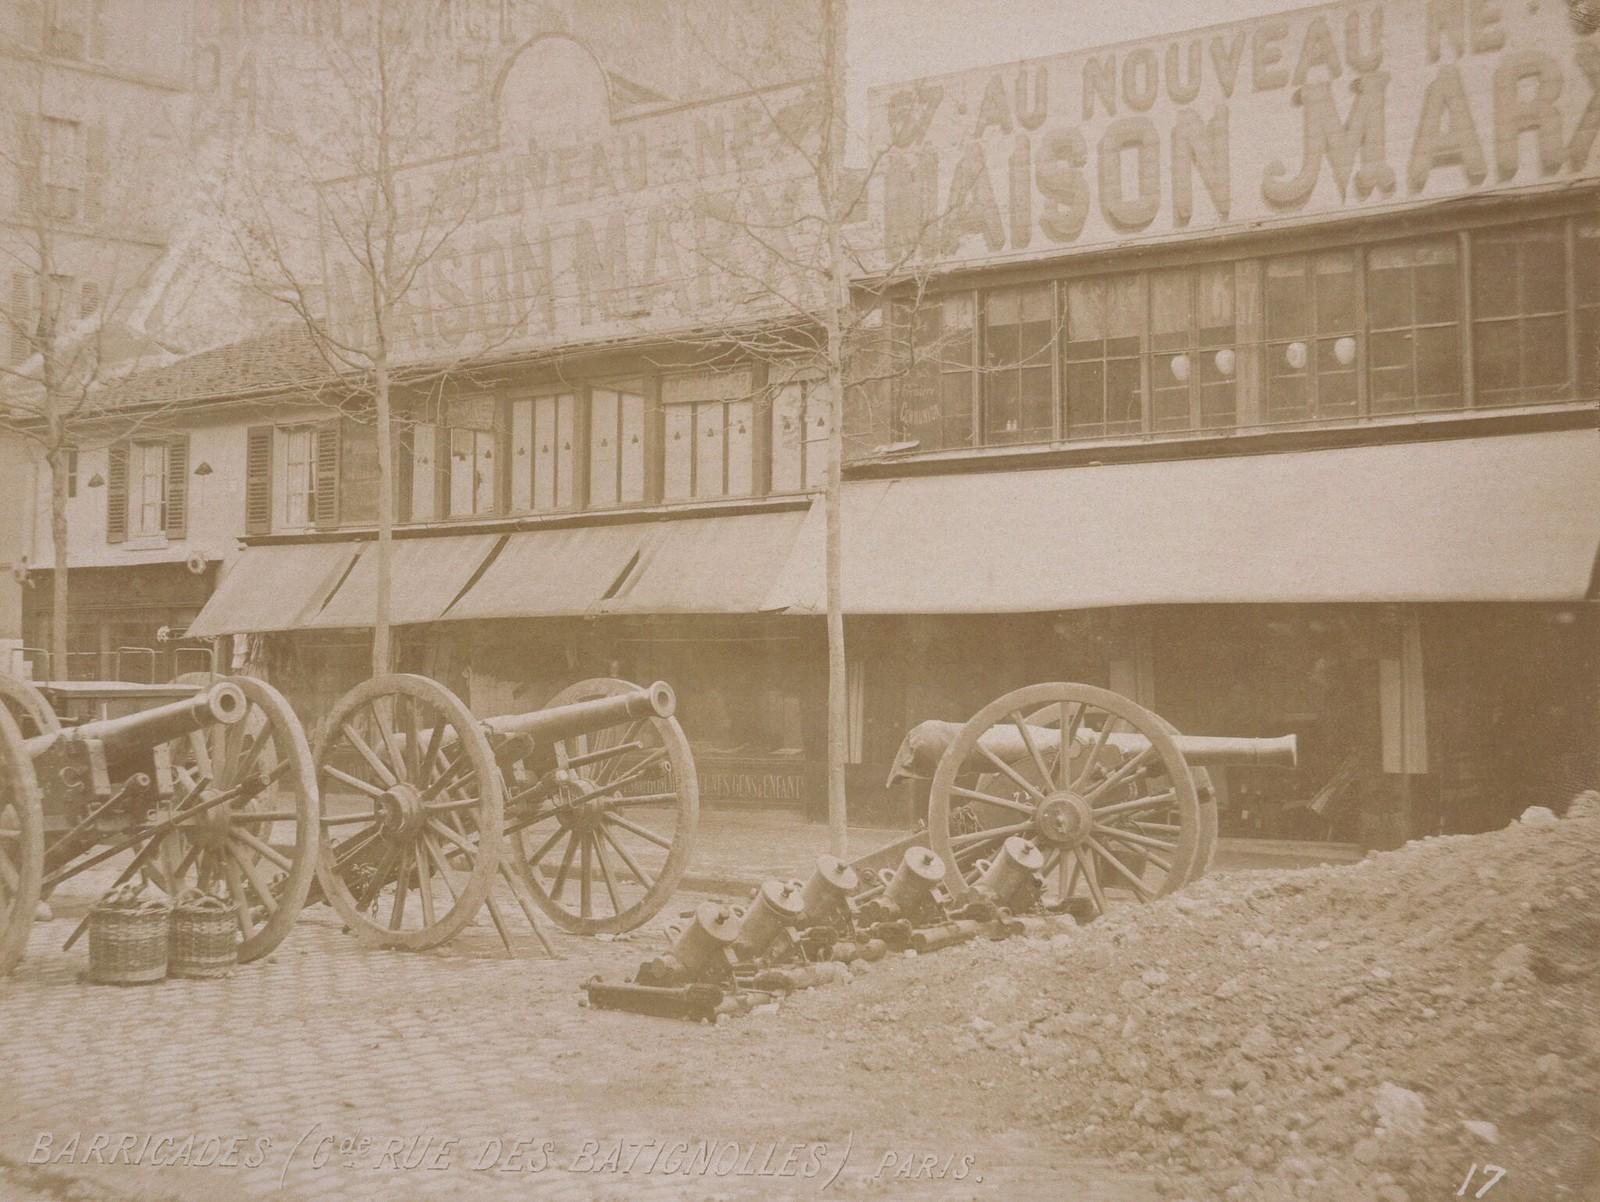 1871. Пушки возле баррикады на улице Батиньоль во время Парижской коммуны